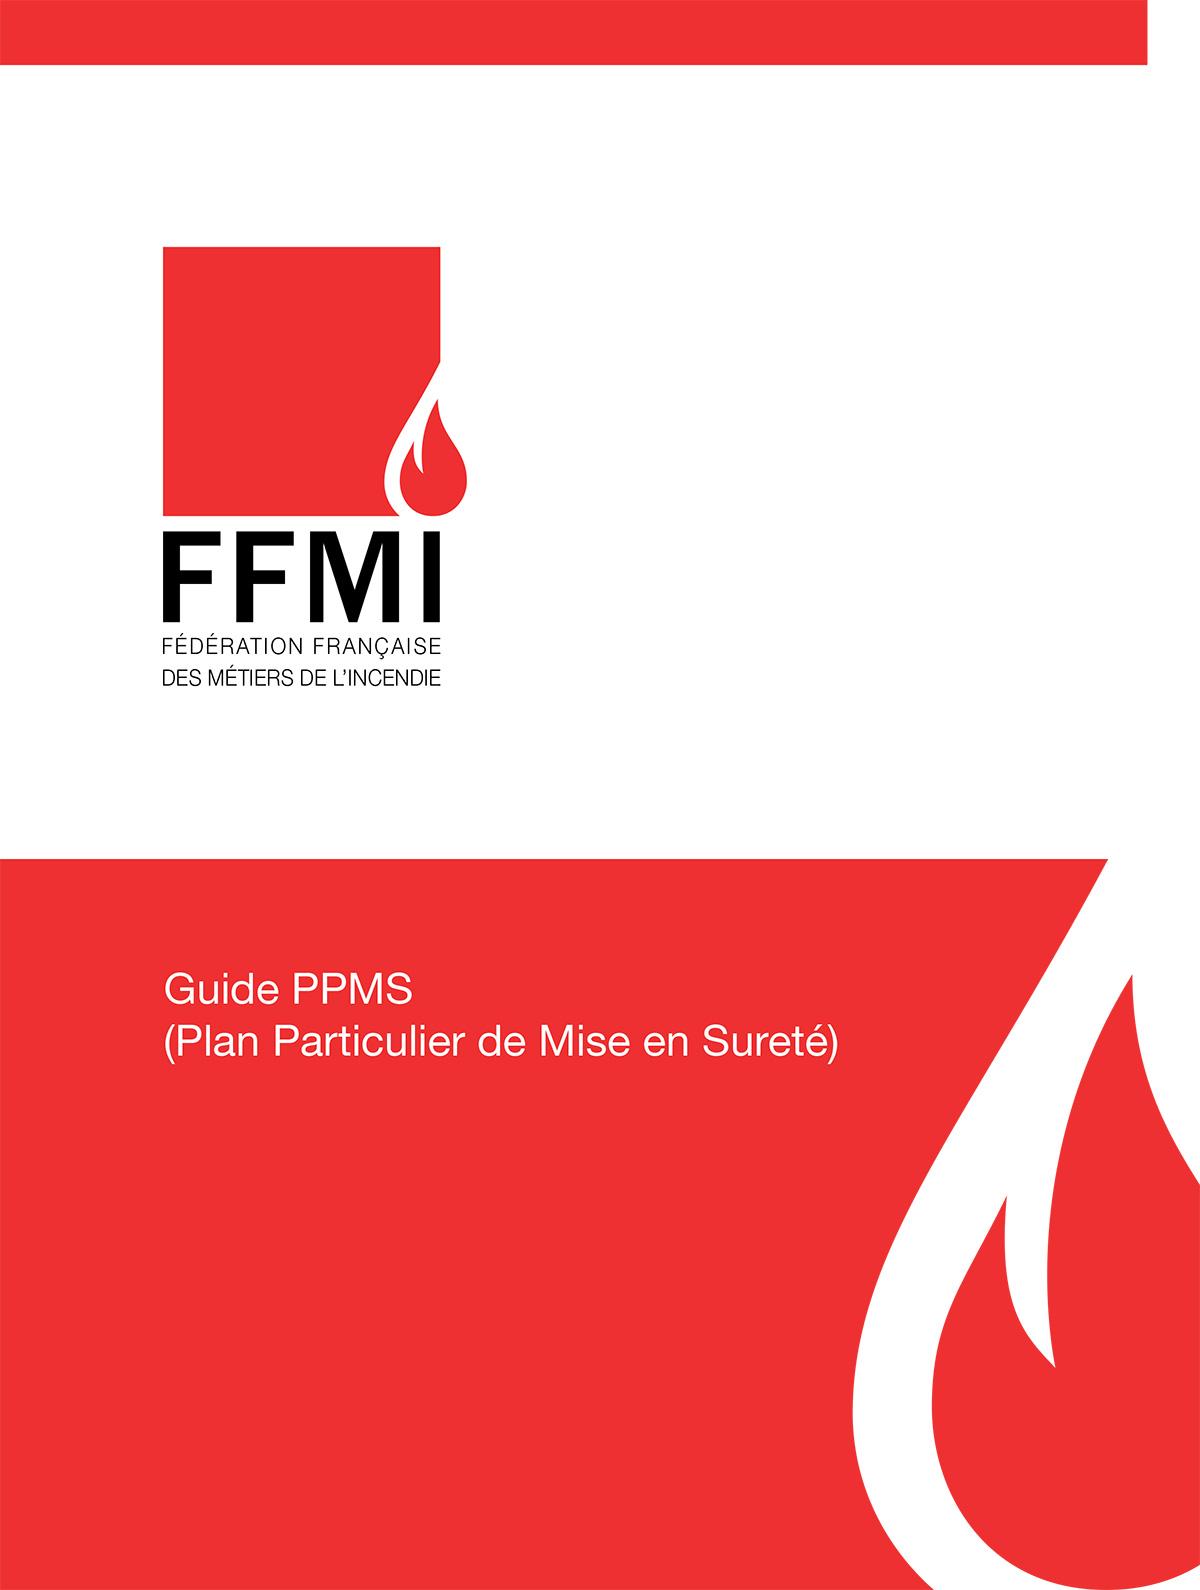 Plaquette FFMI - PPMS